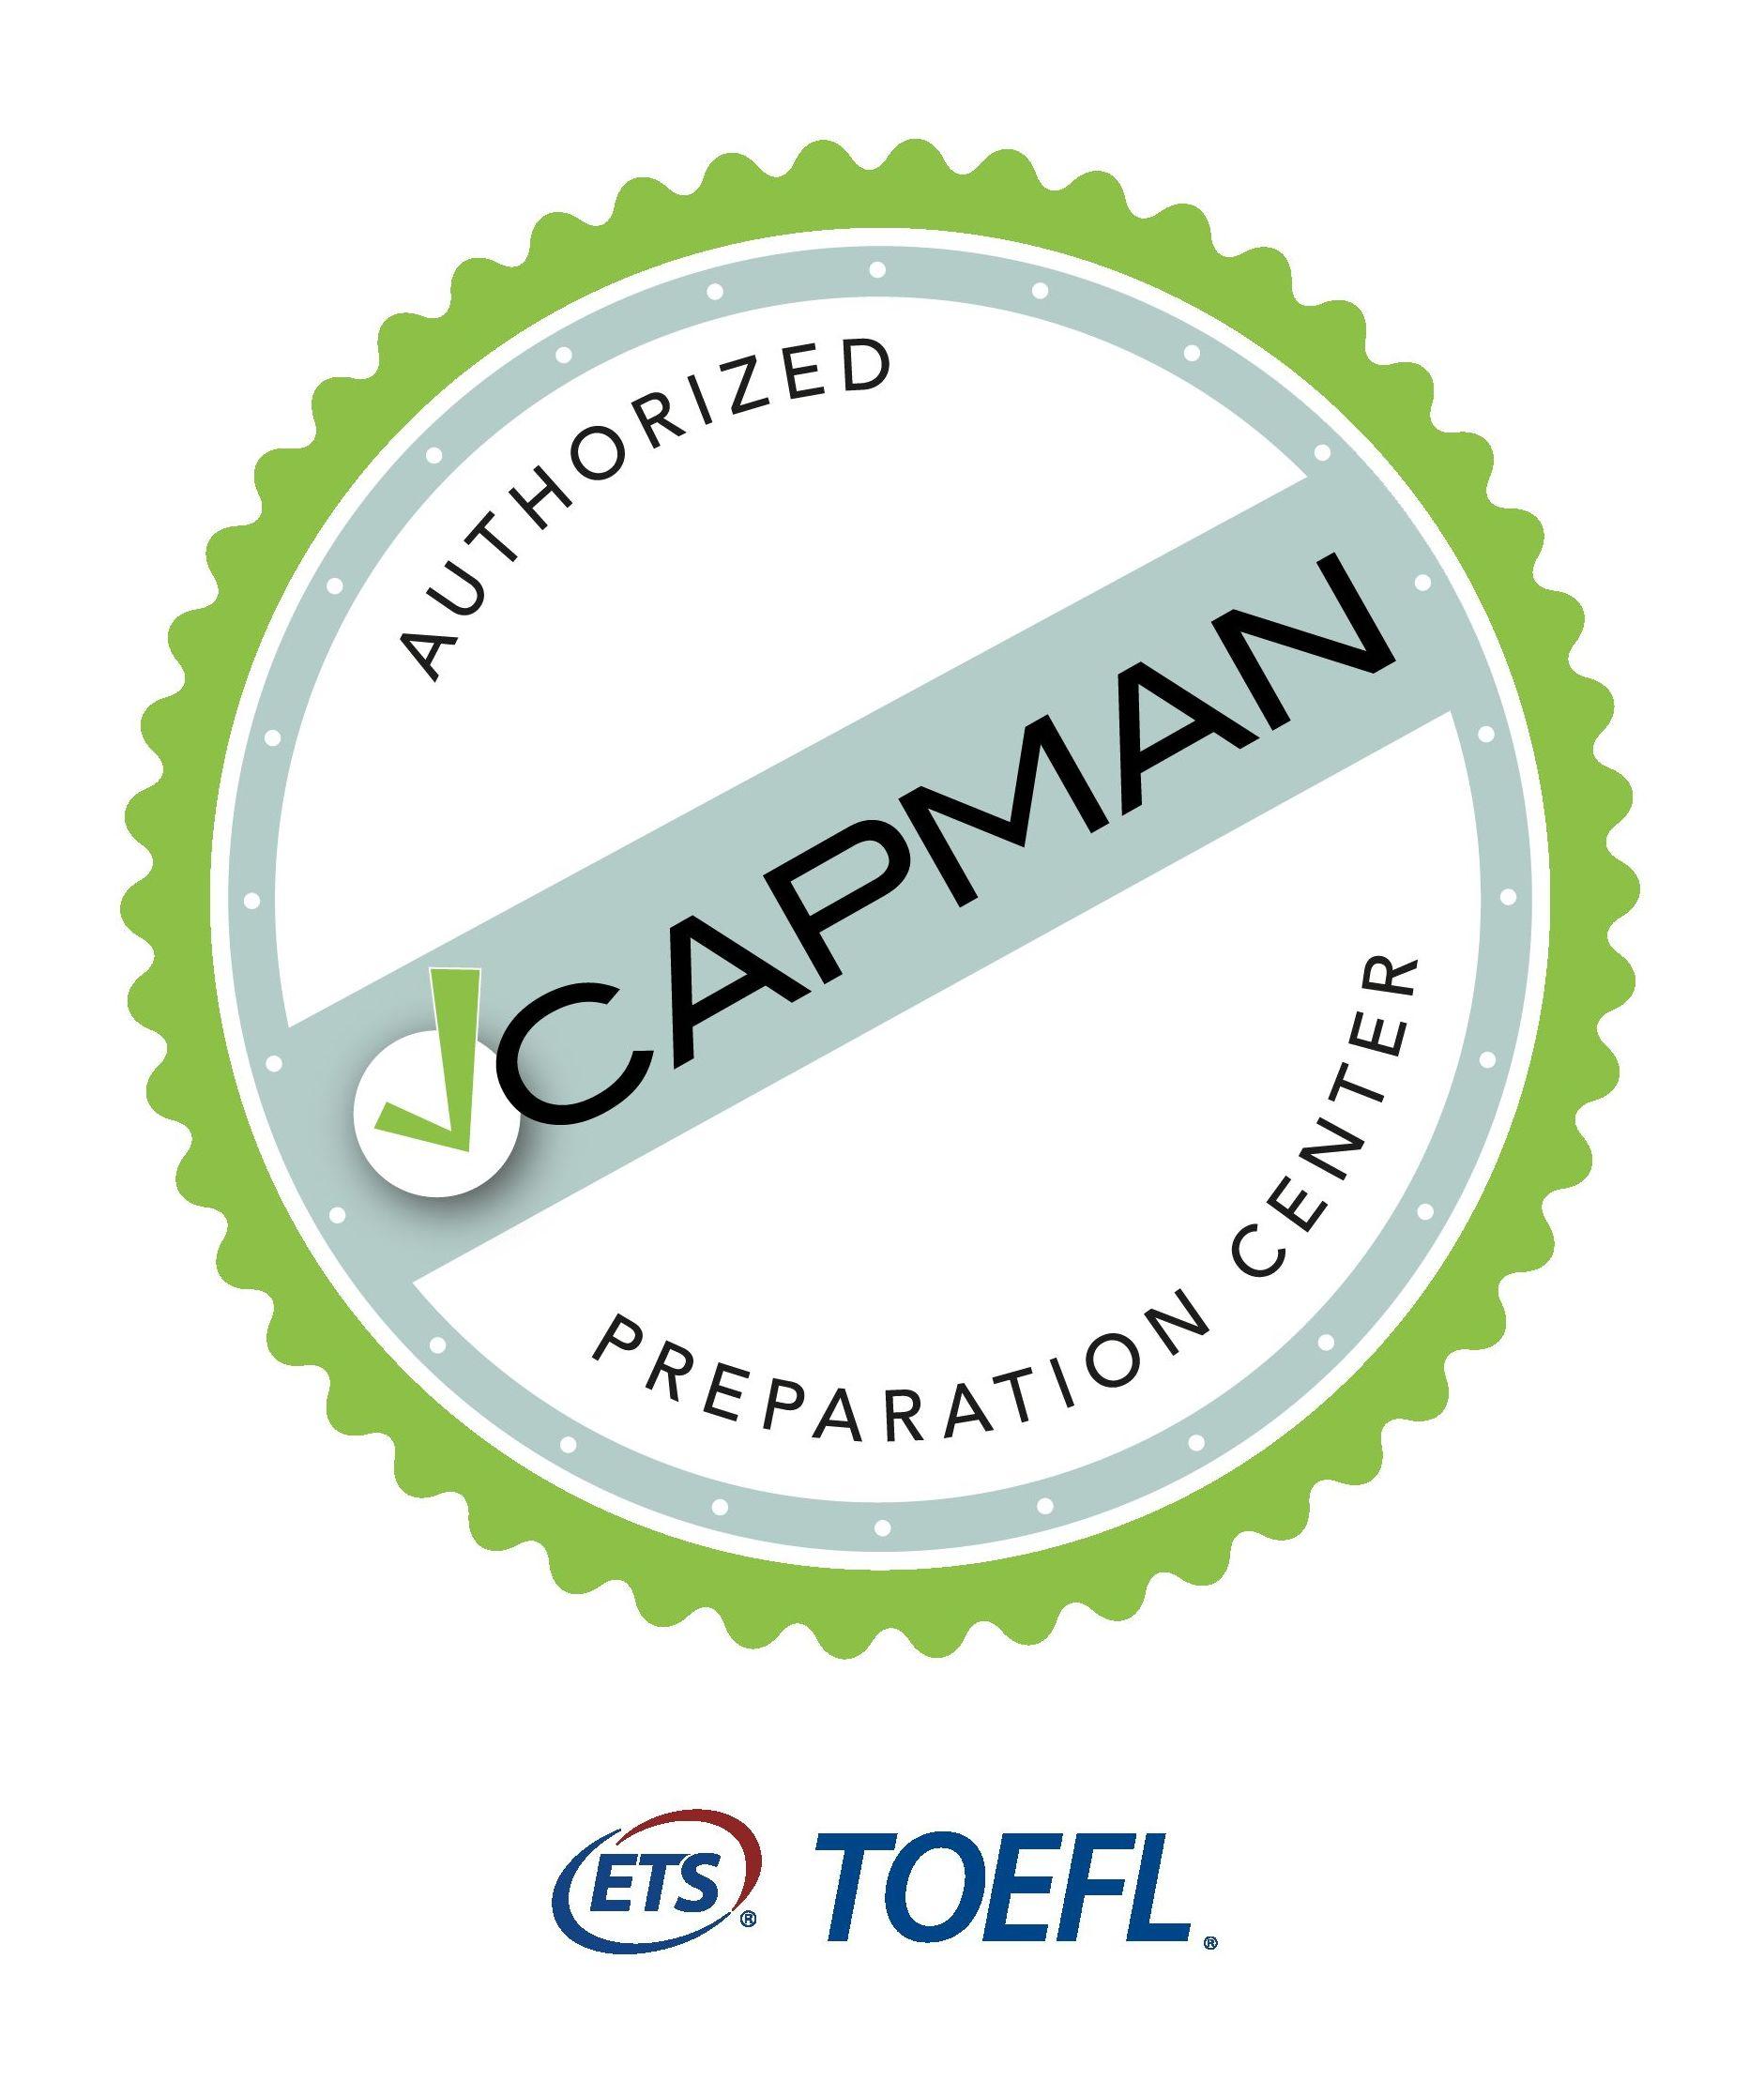 TOEFL, Centro autorizado de preparación de exámenes: Servicios de SBC Global Training